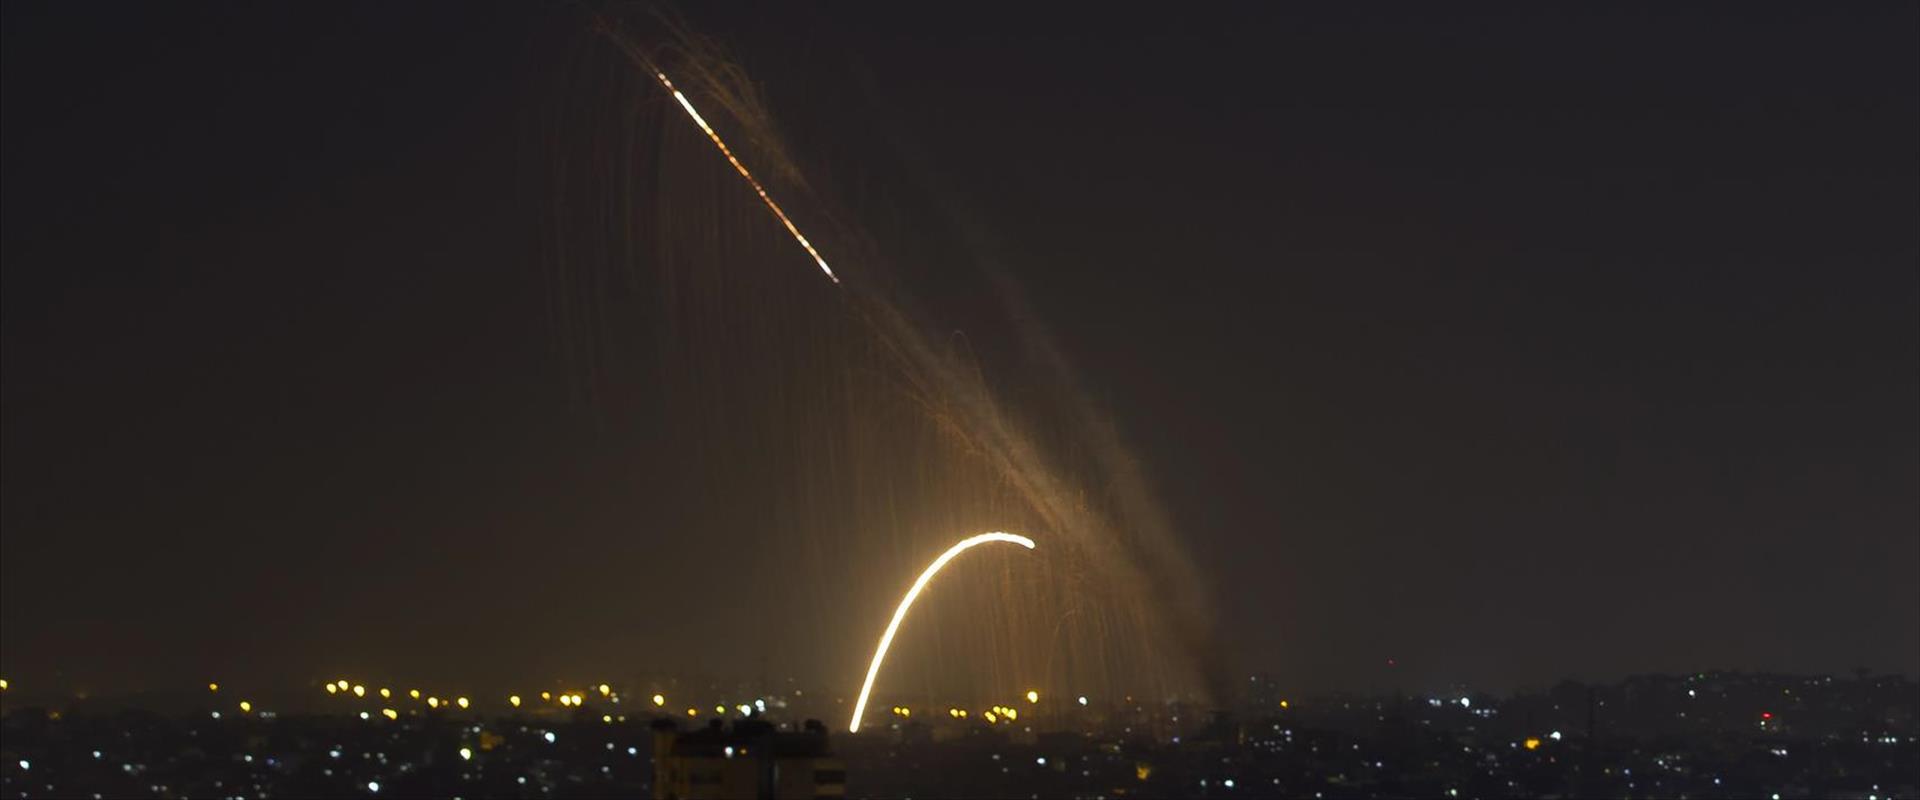 שיגור רקטות מרצועת עזה, ארכיון